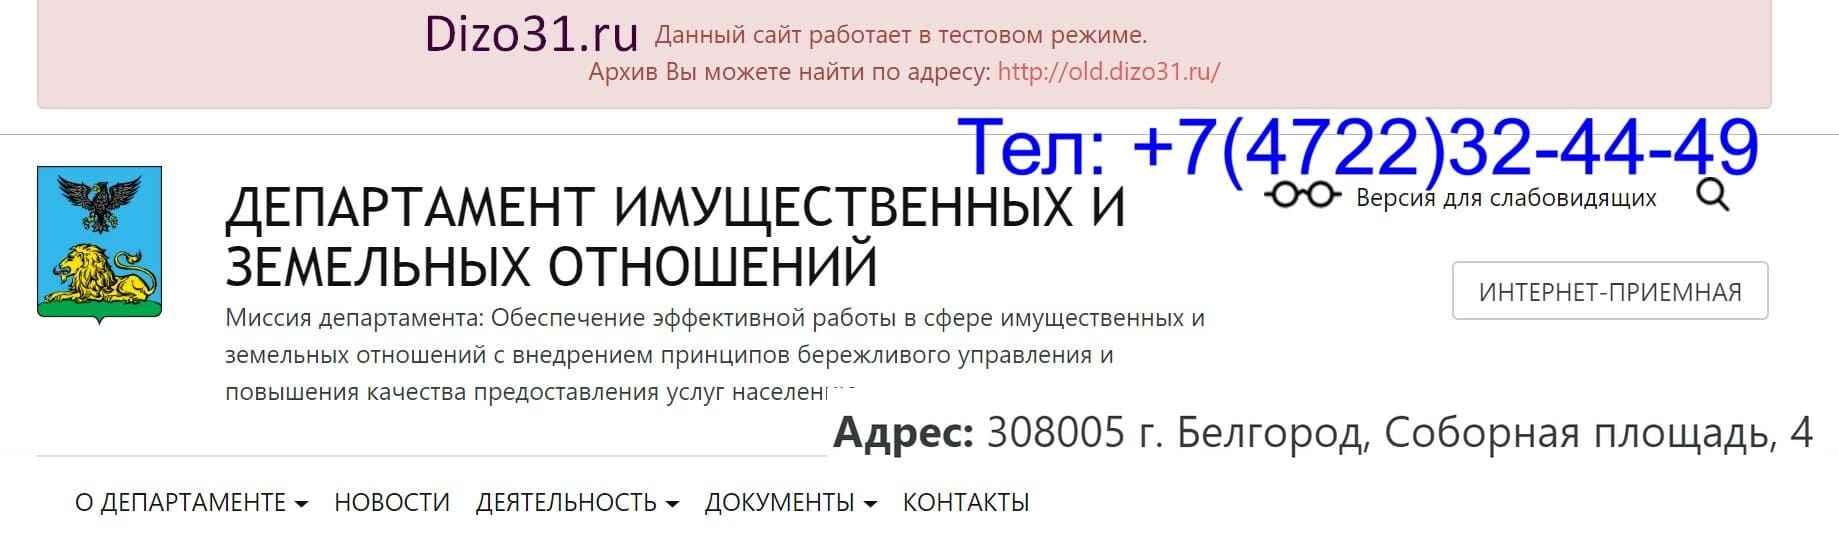 Департамент имущественных и земельных отношений Белгородской области